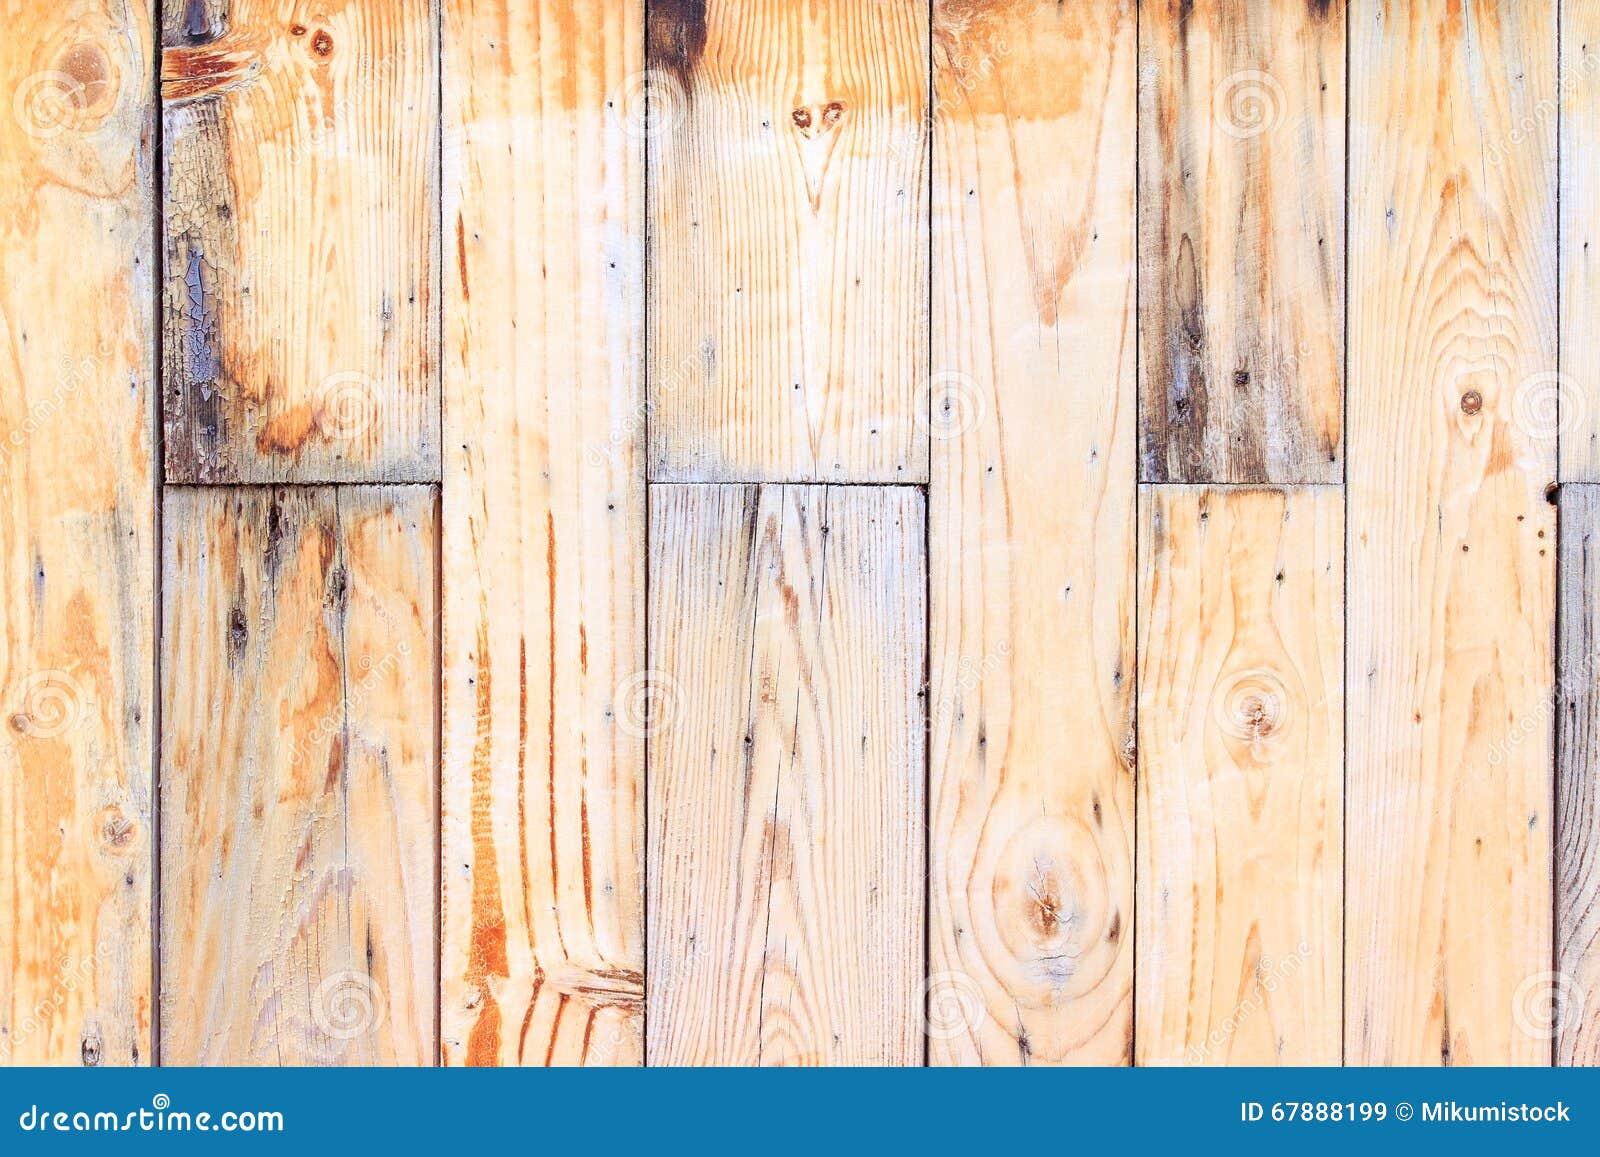 委员会木板条墙壁纹理背景